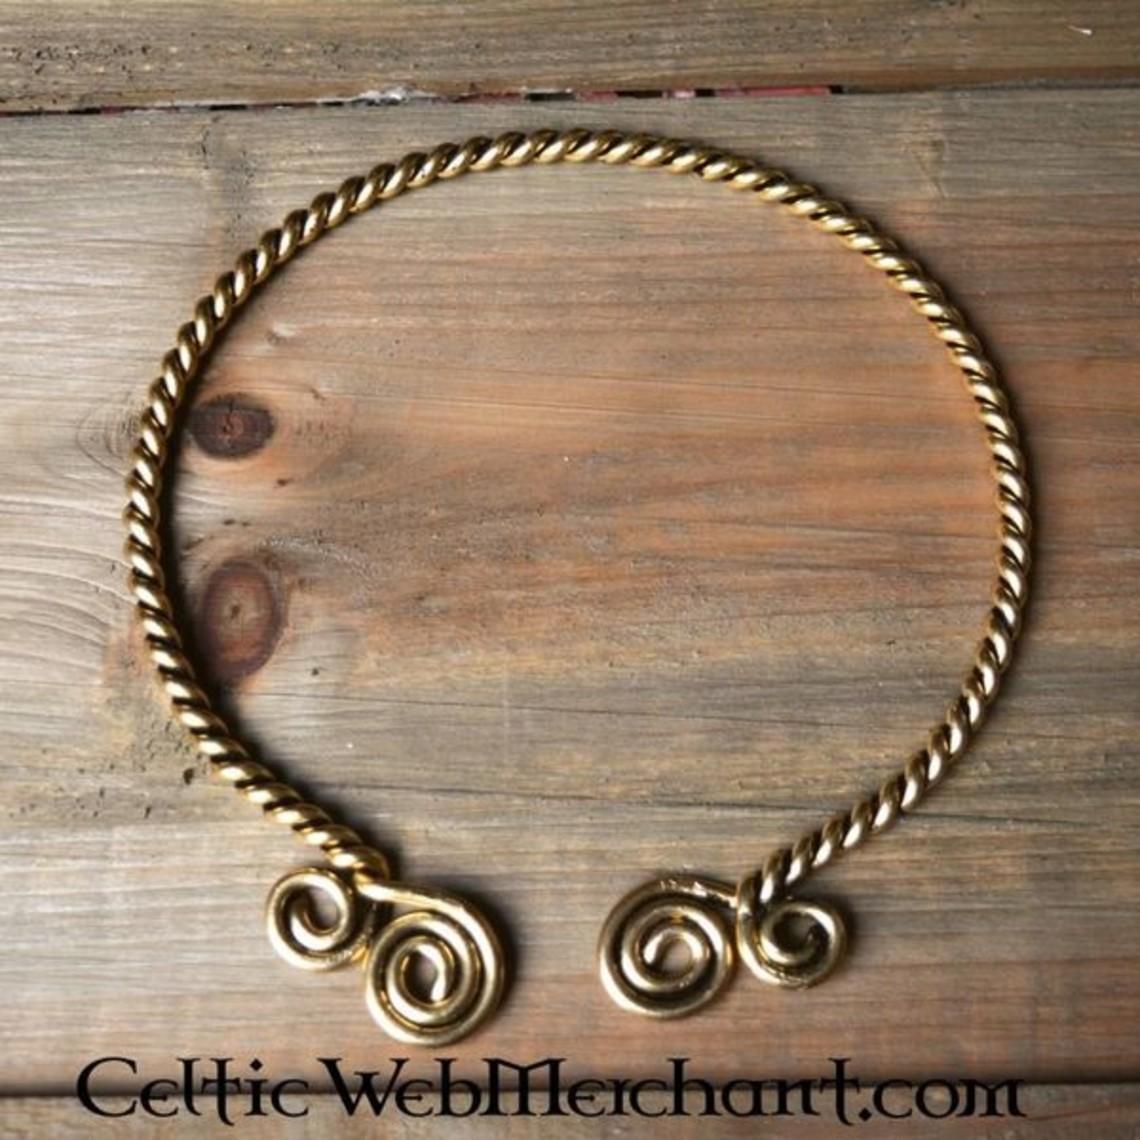 Torc met Keltische spiralen, verzilverd